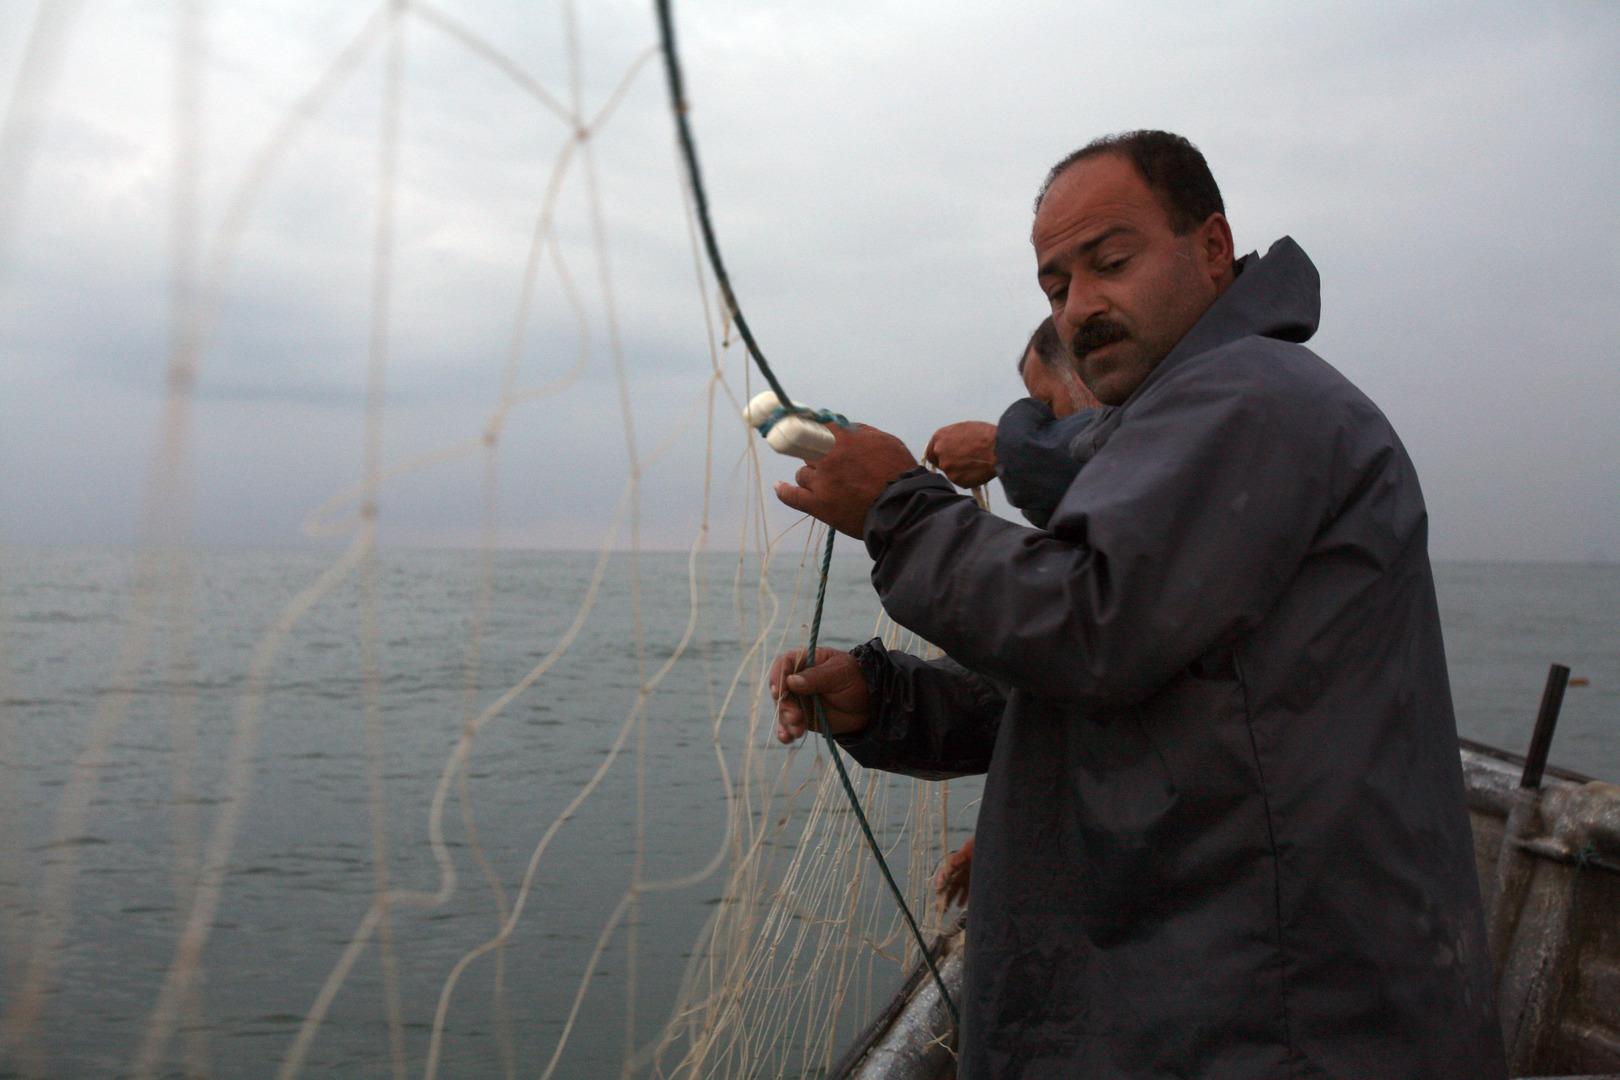 اتفاق جديد بين روسيا وإيران في مجال الثروة السمكية